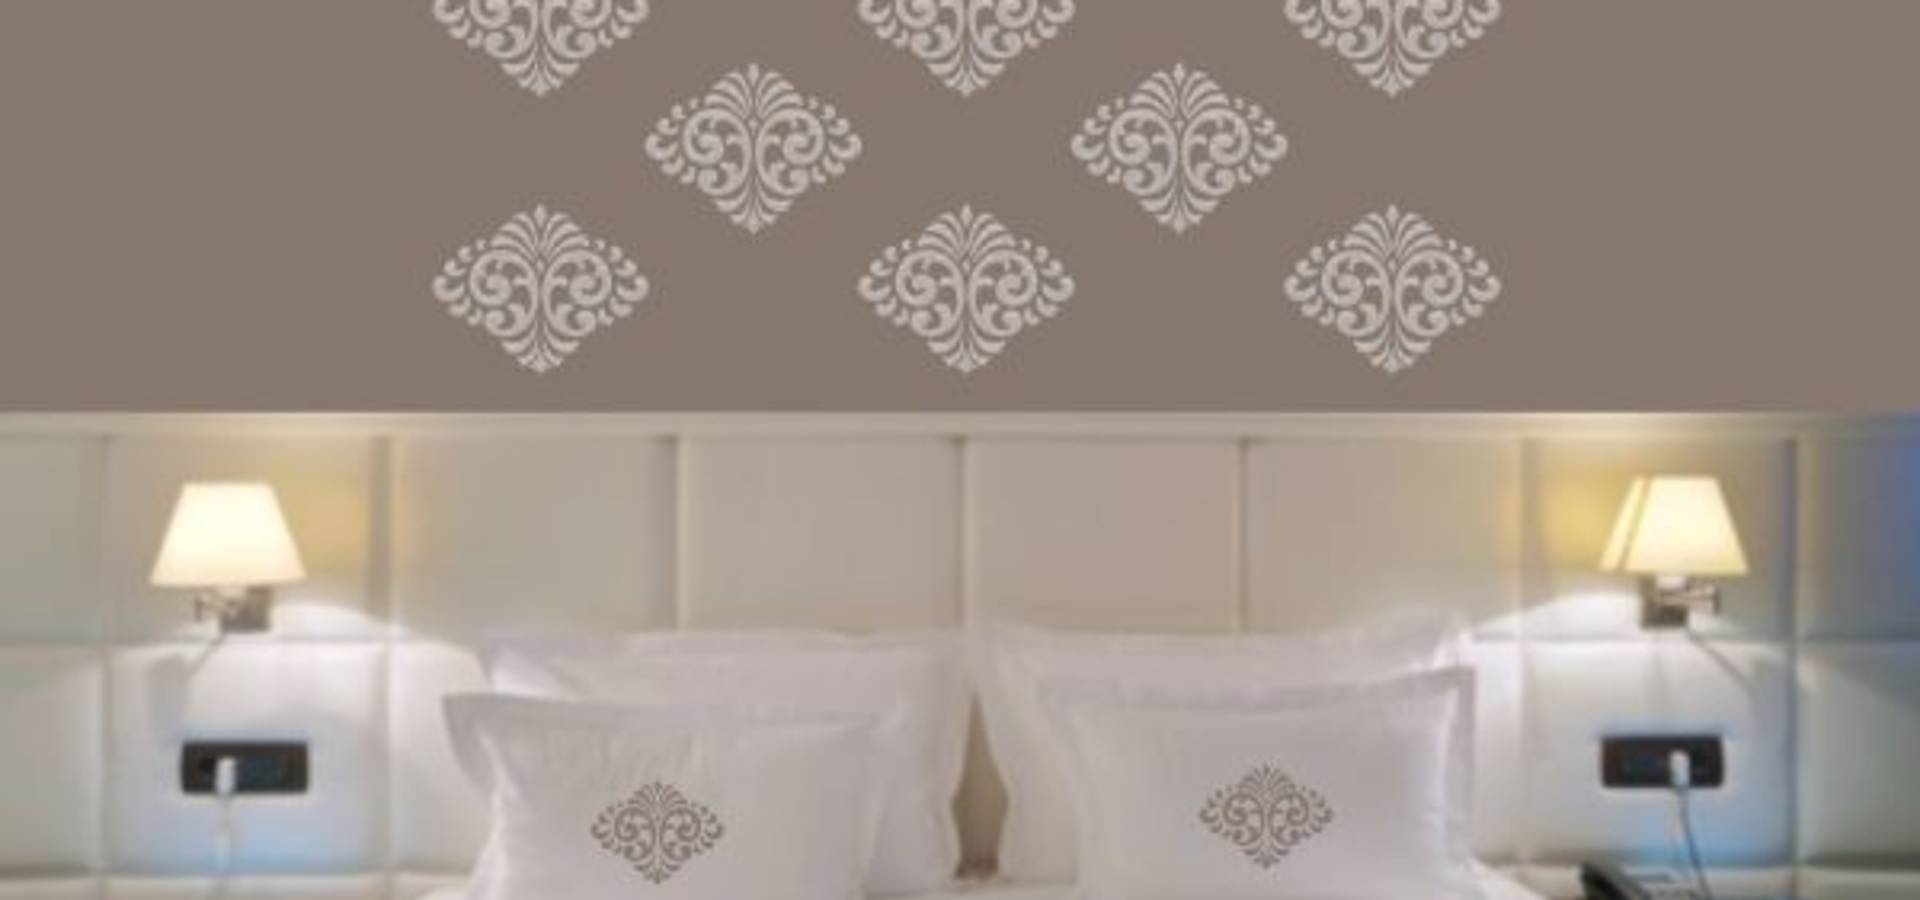 wandmalerei mit schablonen von precious walls by lijali laserarts design andrea weissenseel. Black Bedroom Furniture Sets. Home Design Ideas